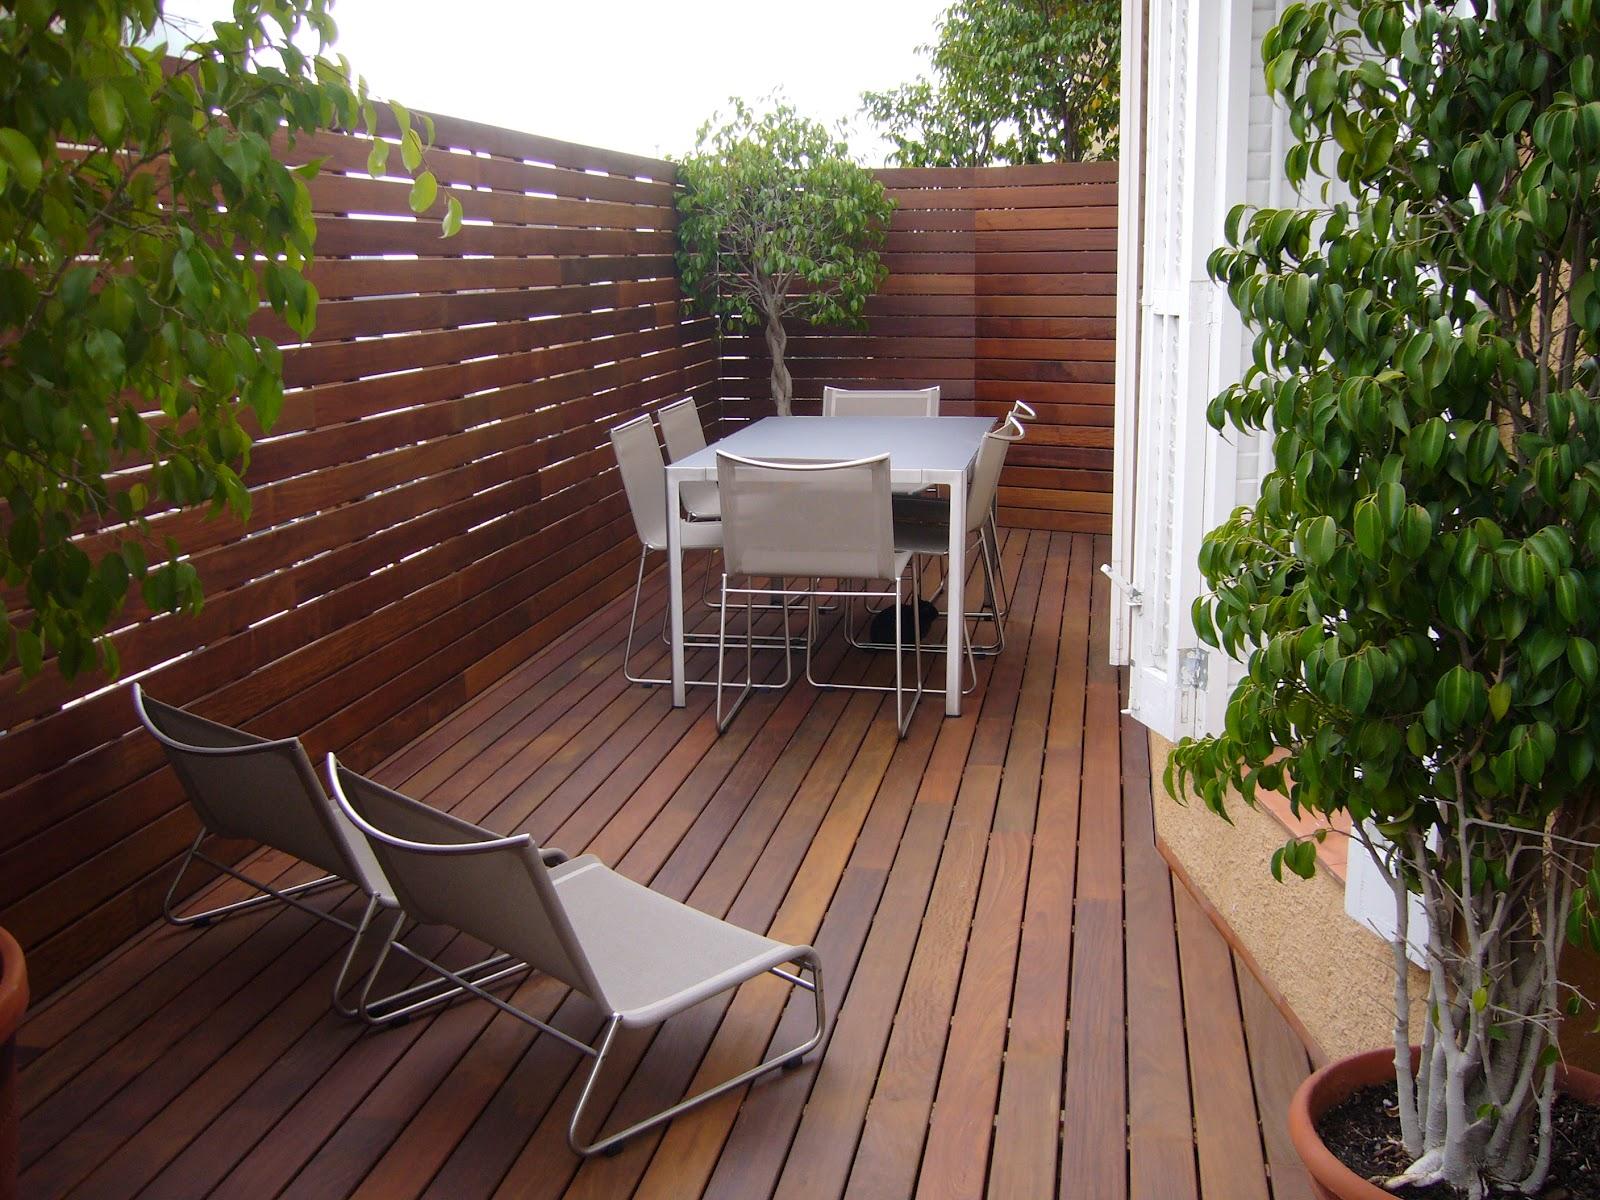 Chm interiorismo y reformas terrazas for Terrazas en madera